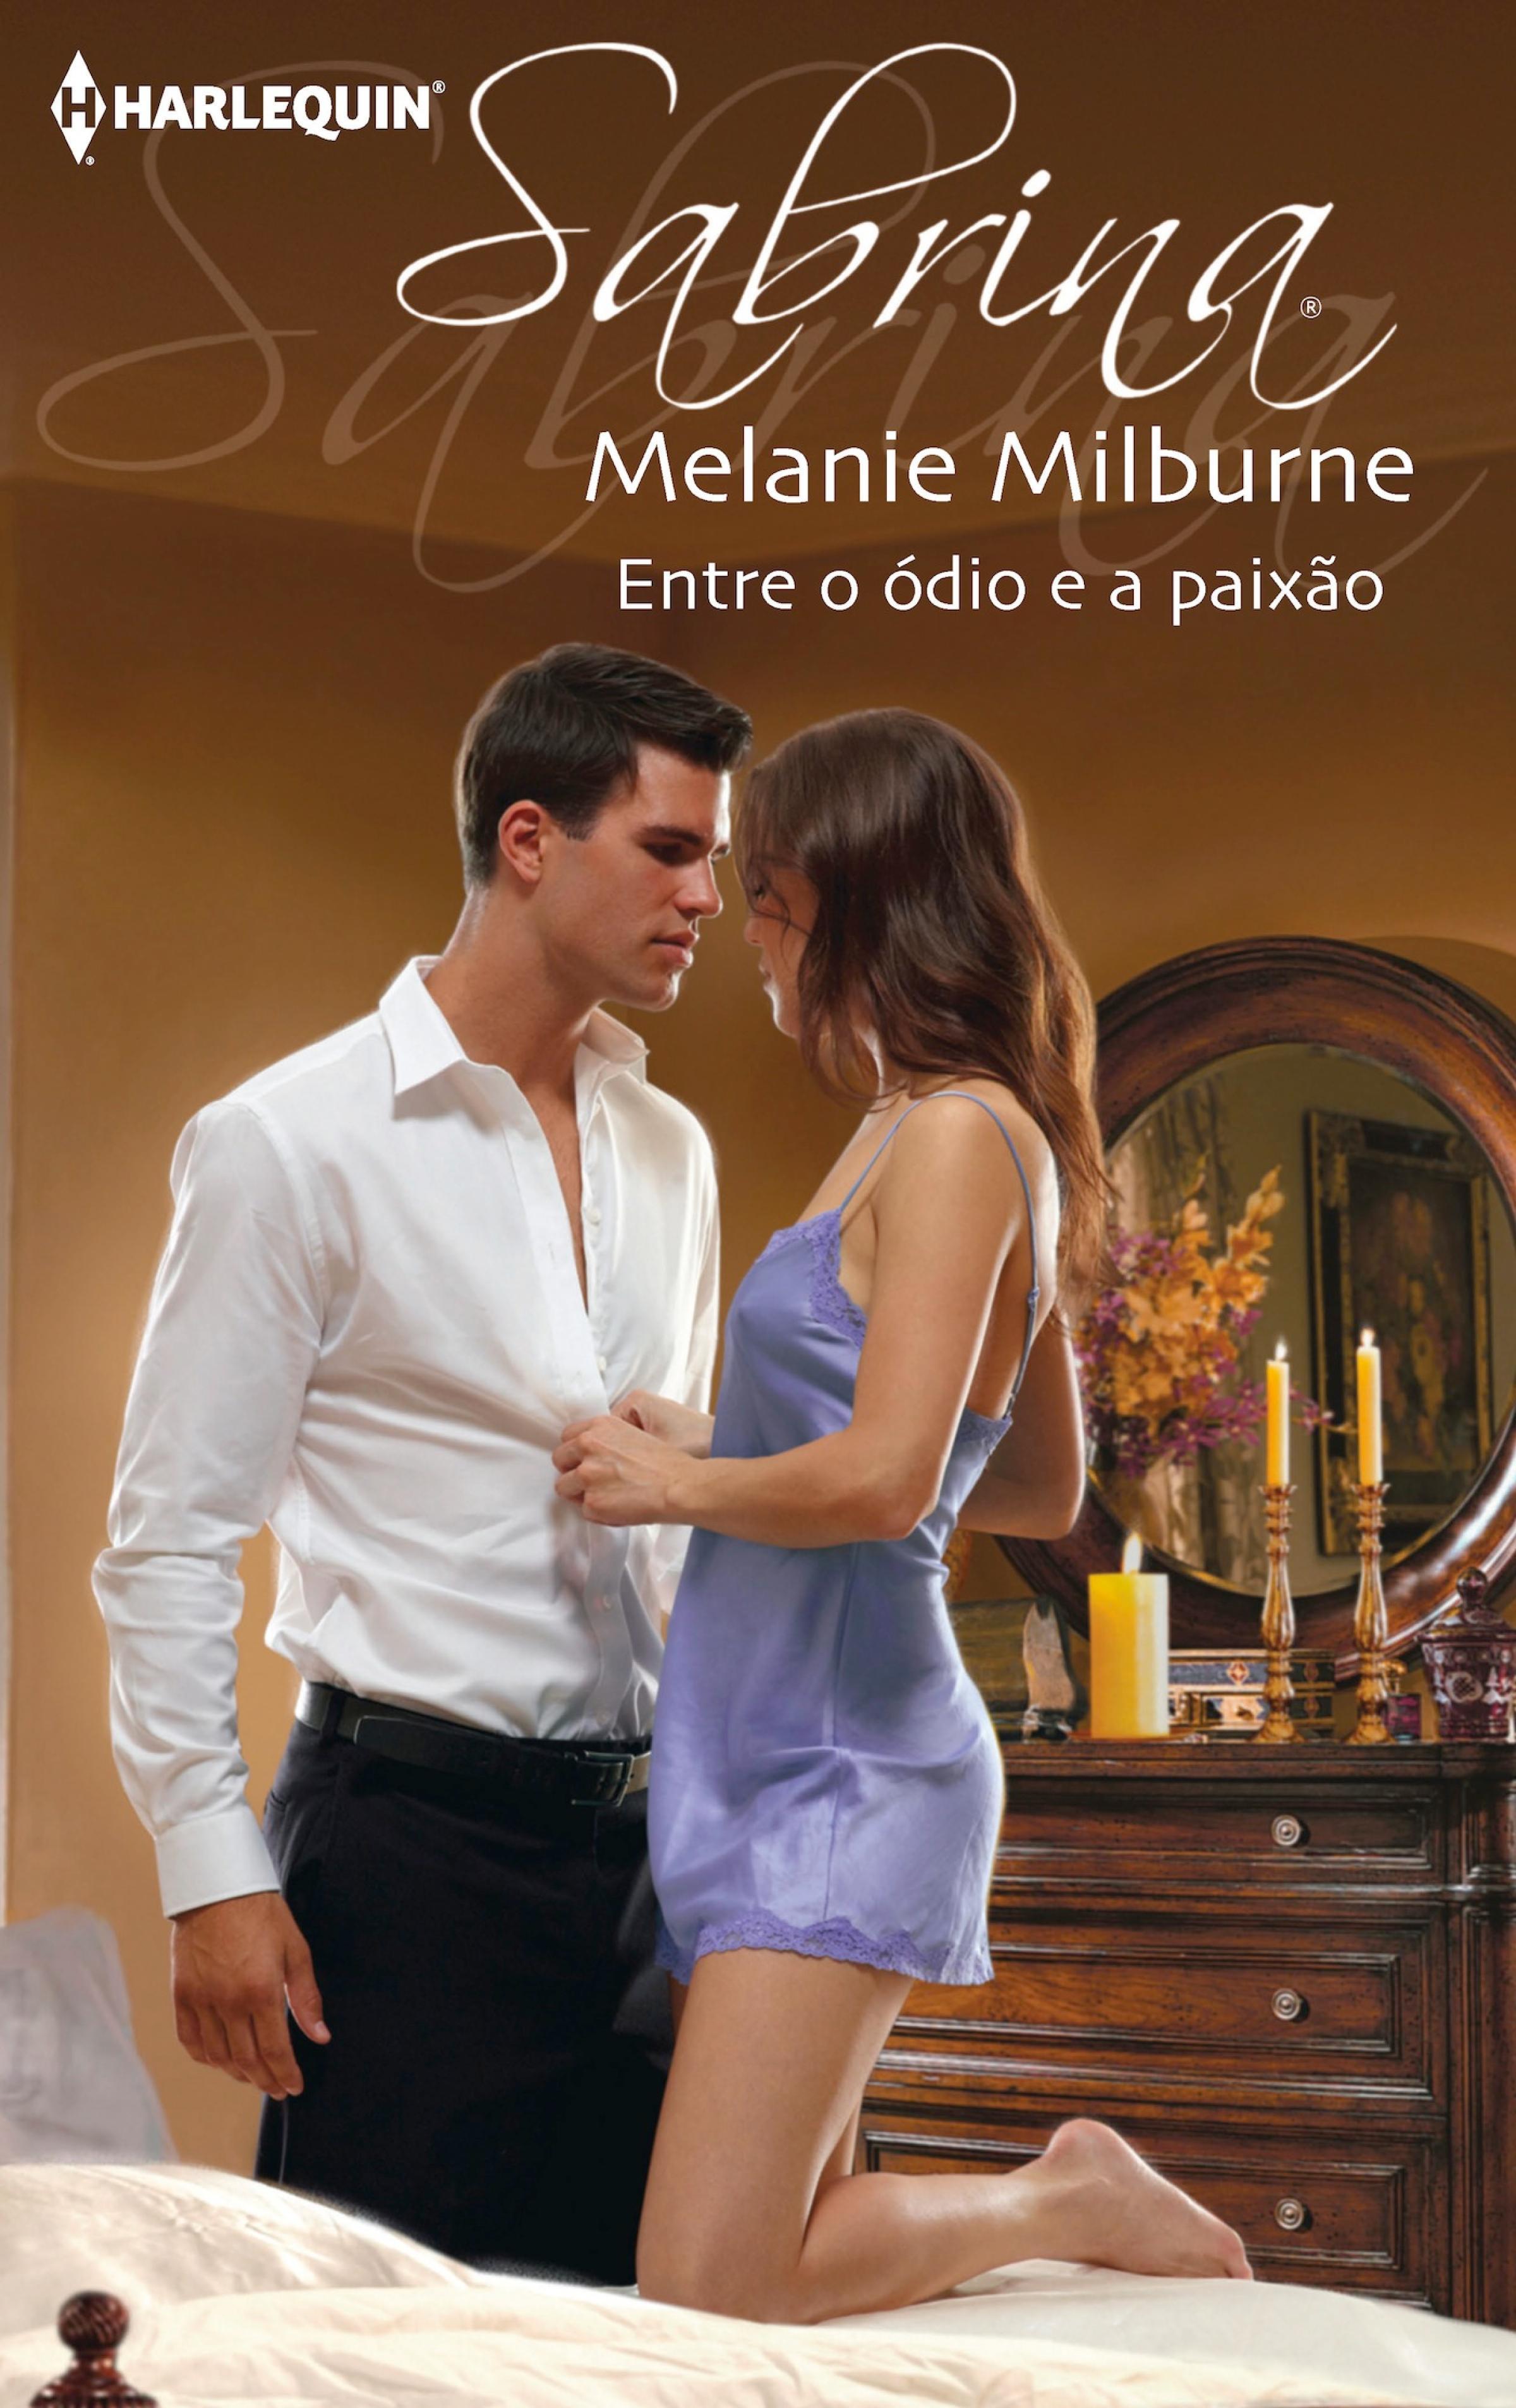 Melanie Milburne Entre o ódio e a paixão набор лаков для ногтей christina fitzgerald christina fitzgerald ch007lwcpc57